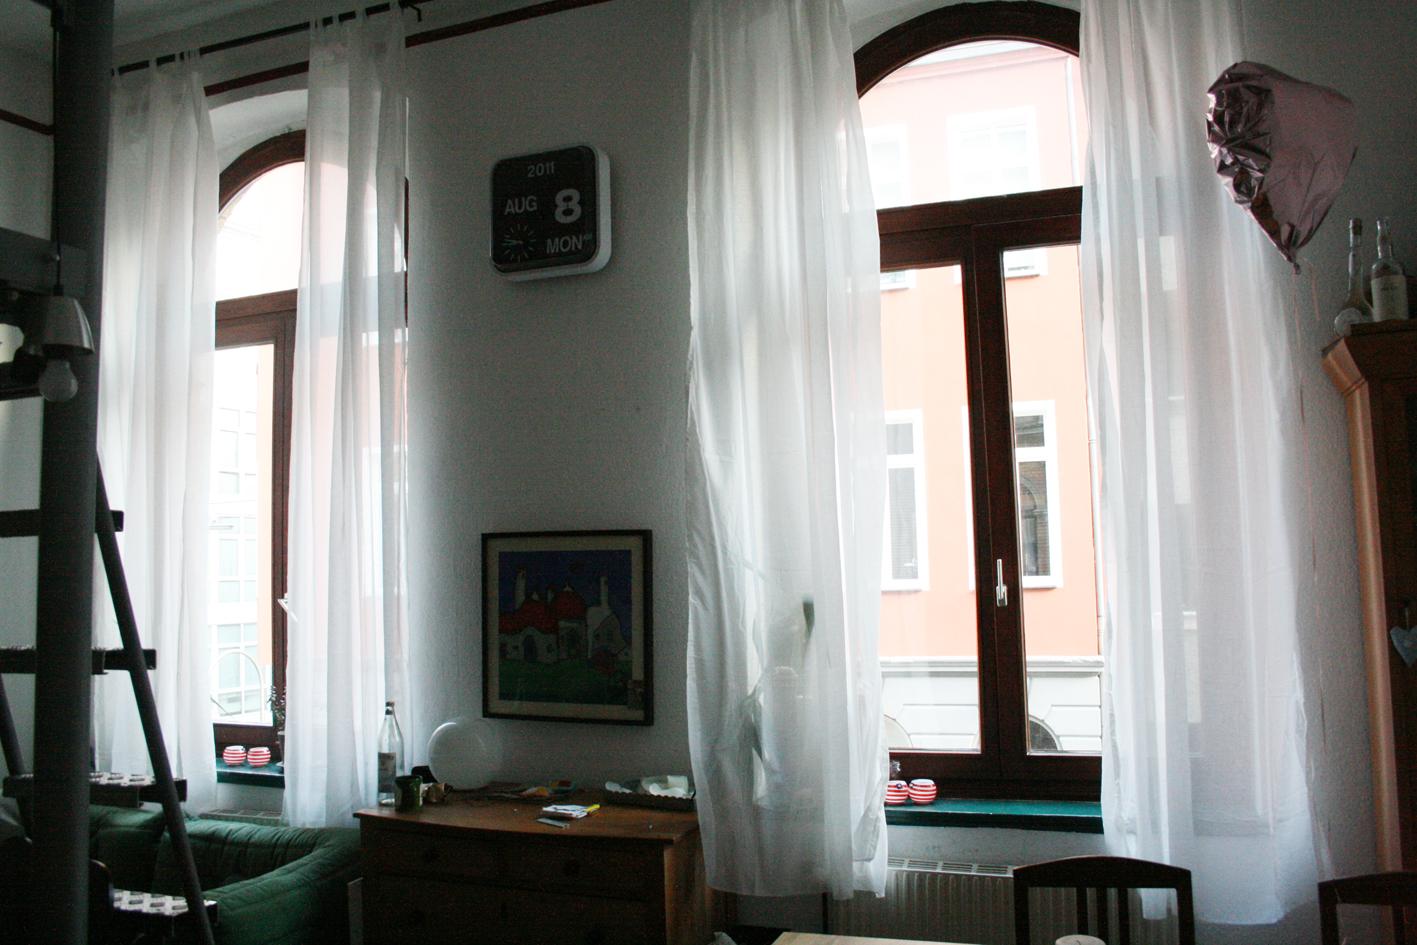 Berühmt Neue Vorhänge   a red apple MZ58